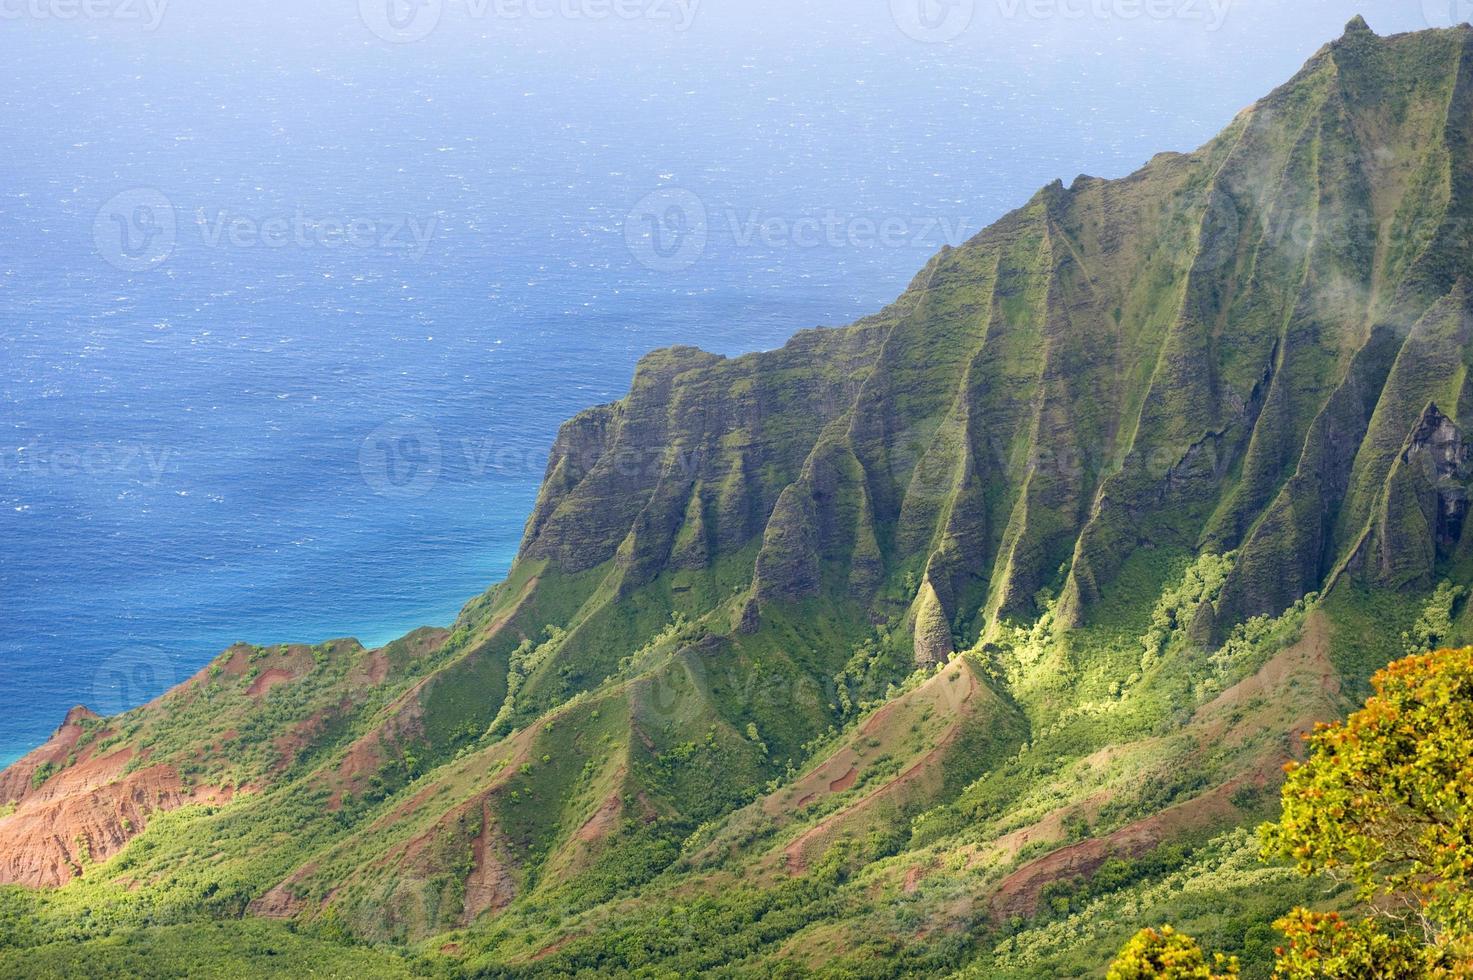 Kalalau-Tal, Kauai, Hawaii. foto